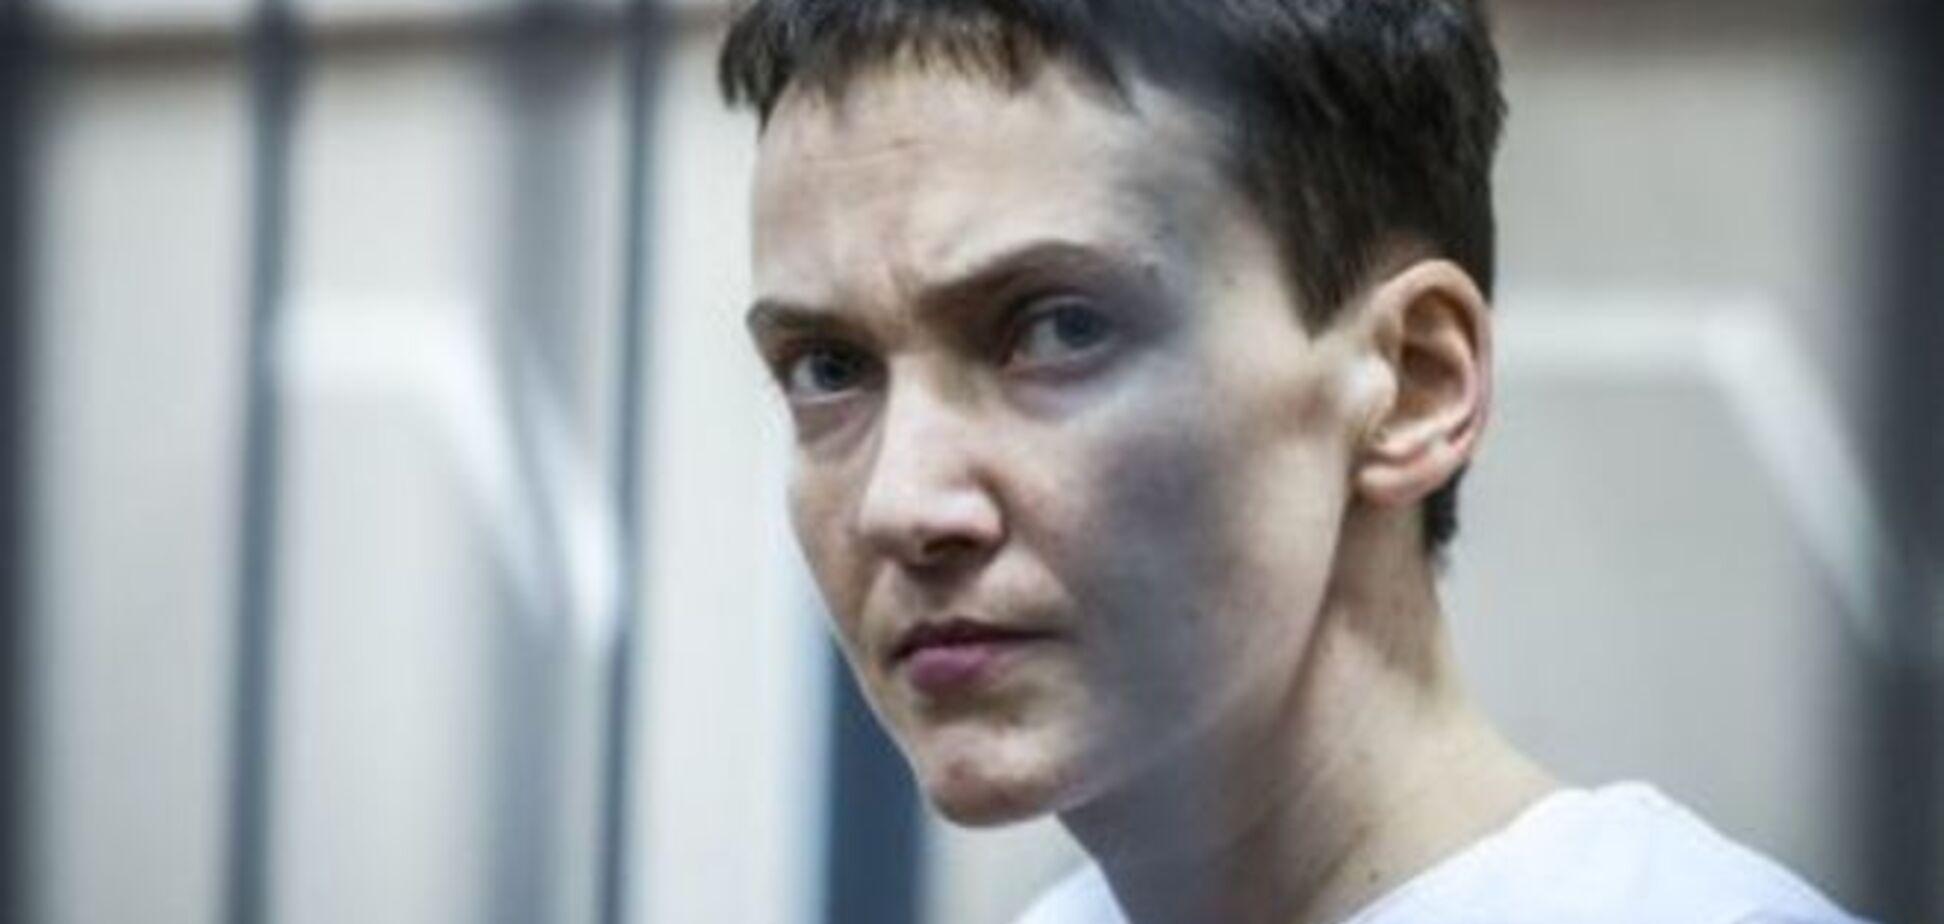 Вони пішли ва-банк: у п'ятницю Савченко пред'являть нову статтю звинувачення - адвокат